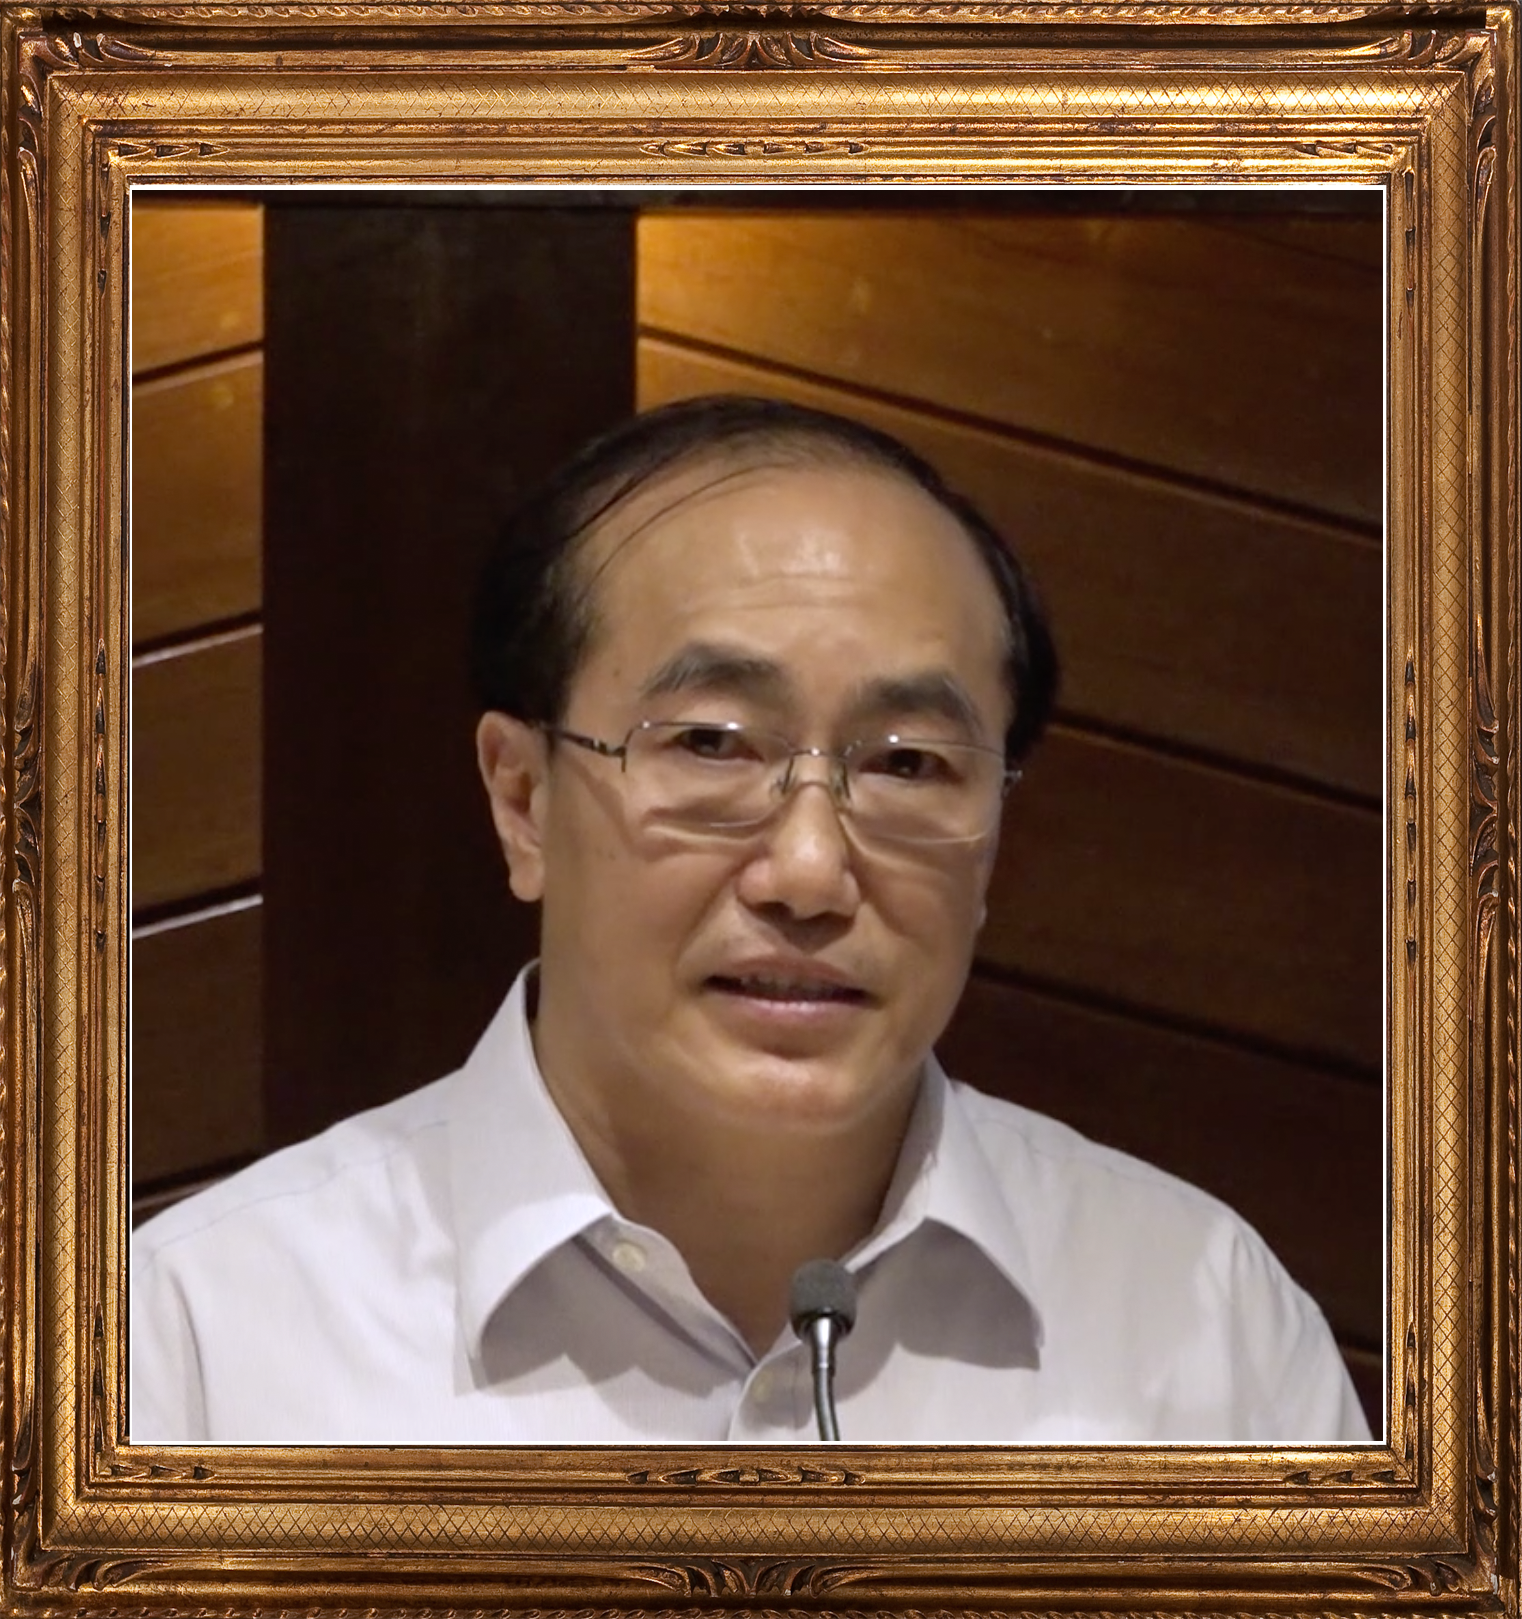 劉錦城醫生